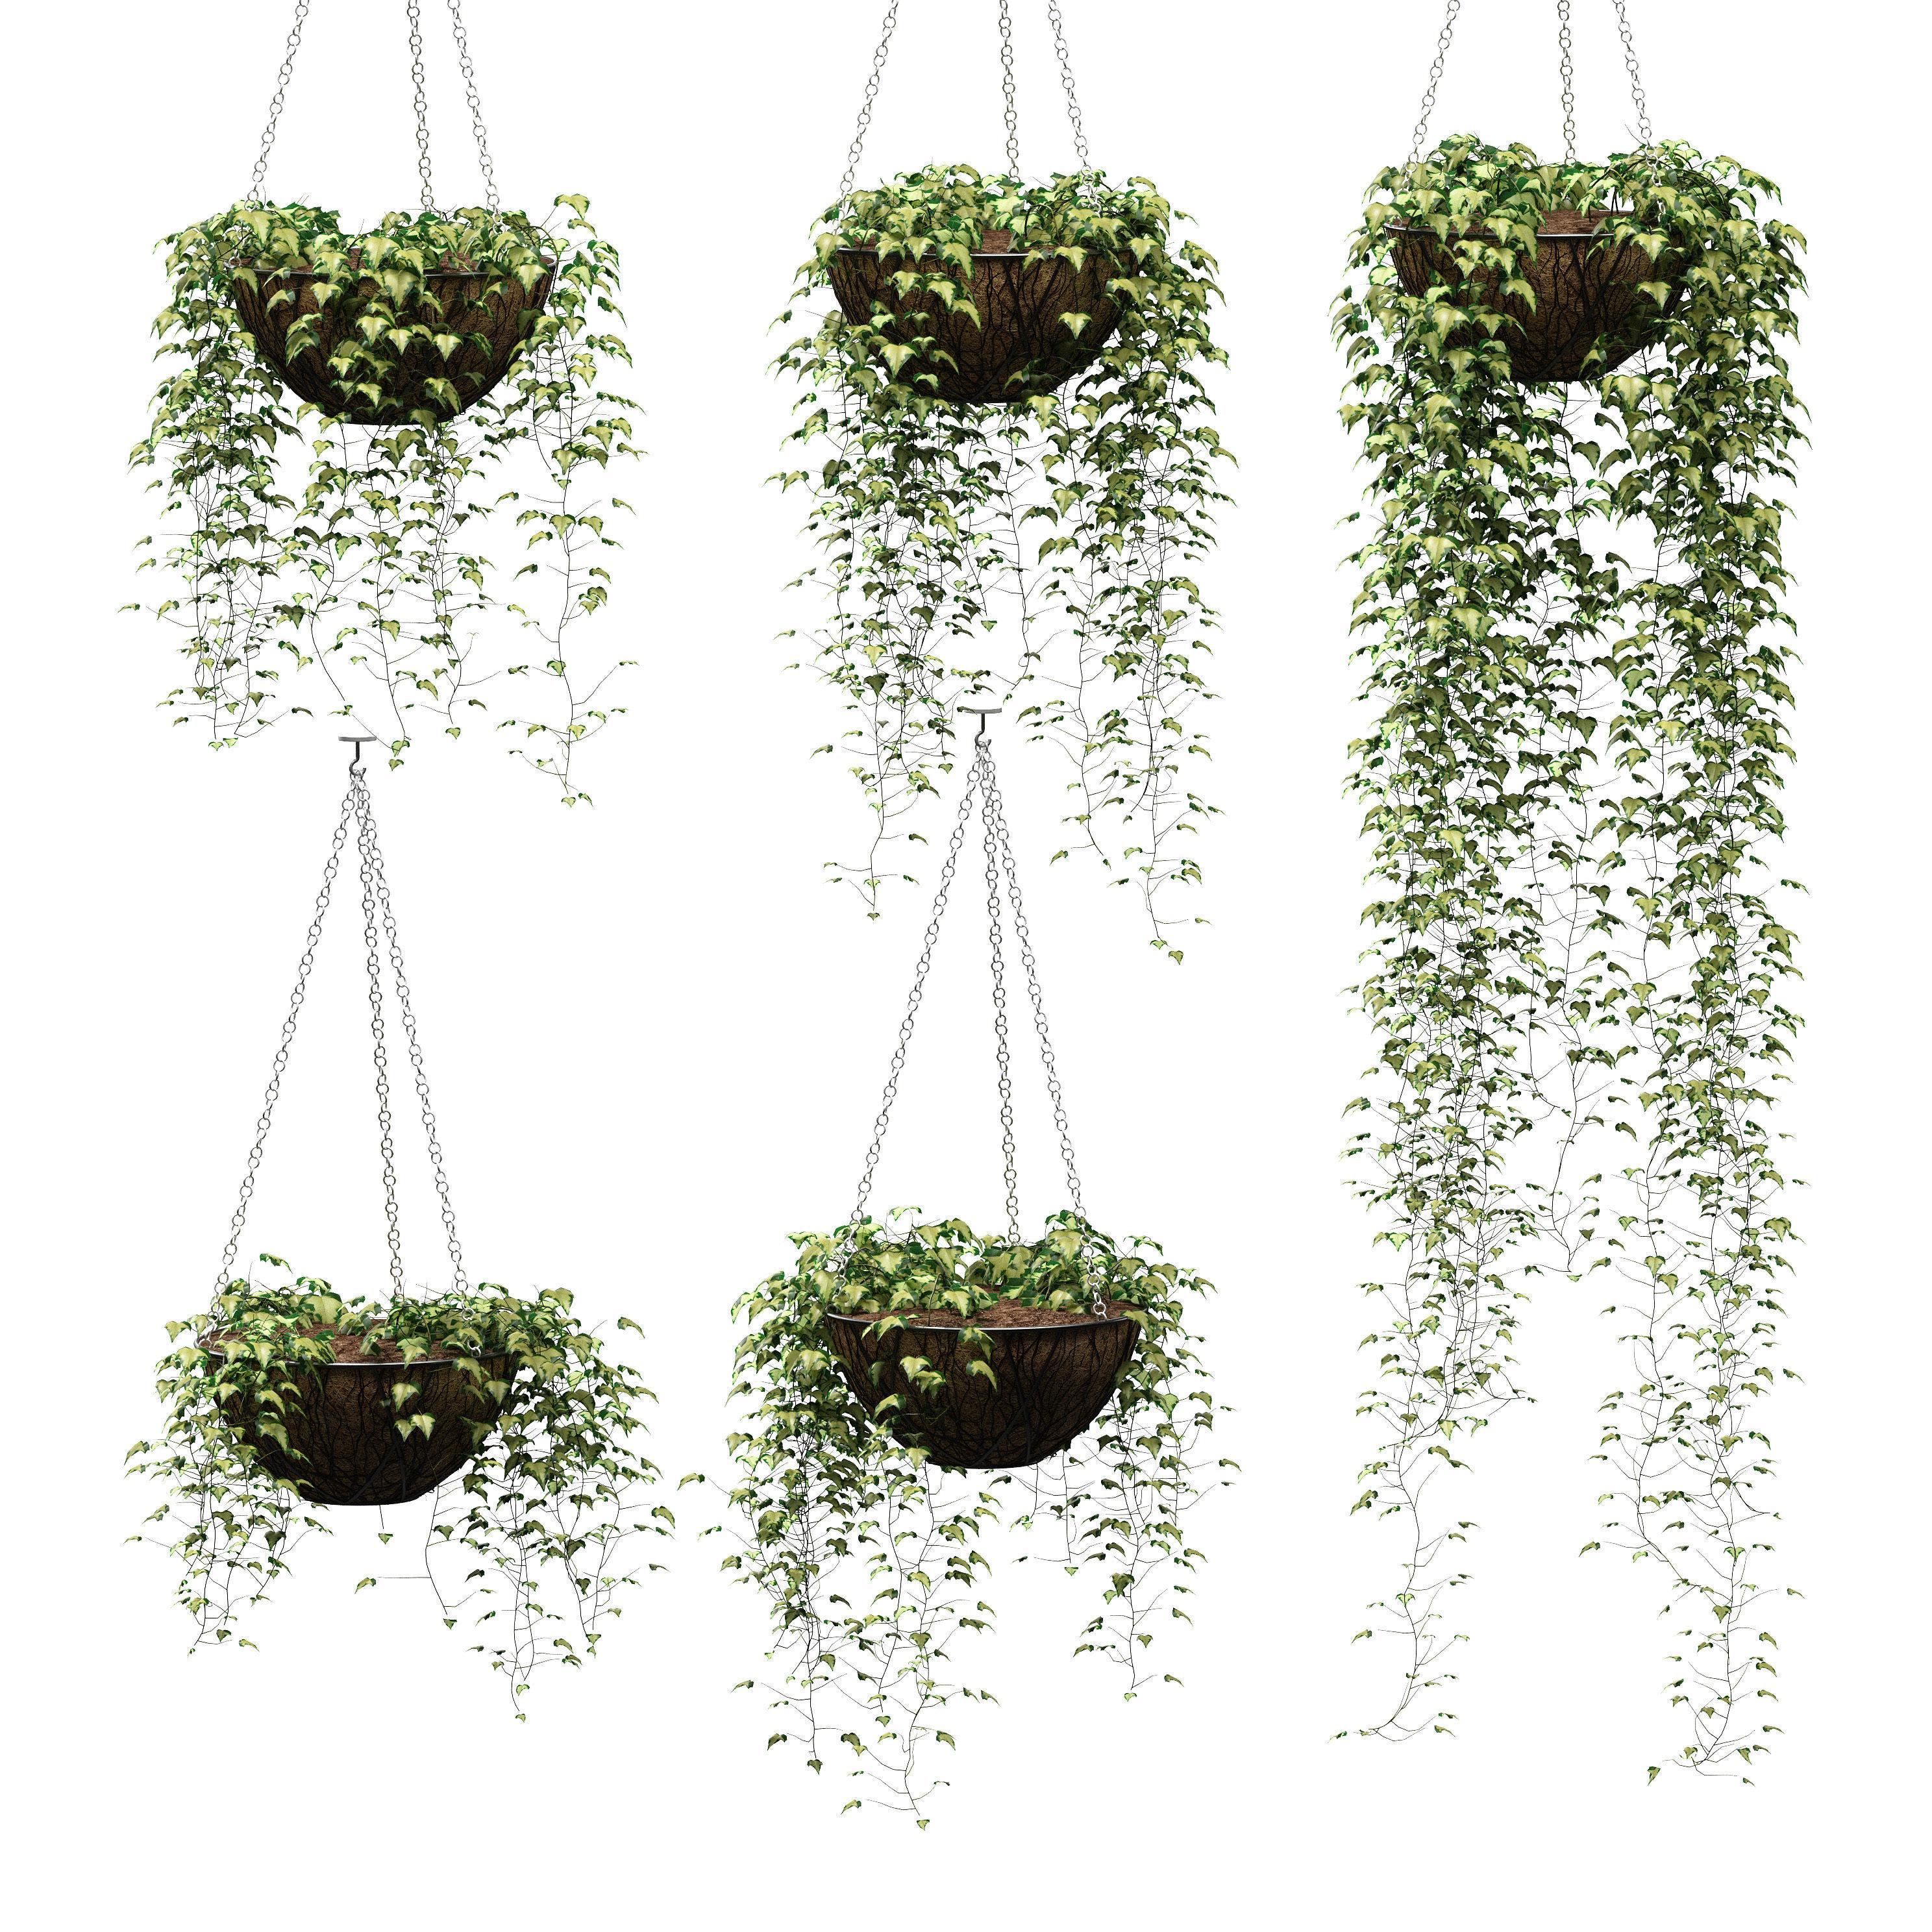 Hanging Ivy In Pots 5 Models 3d Model Hanging Flower Pots Hanging Potted Plants Flower Pots